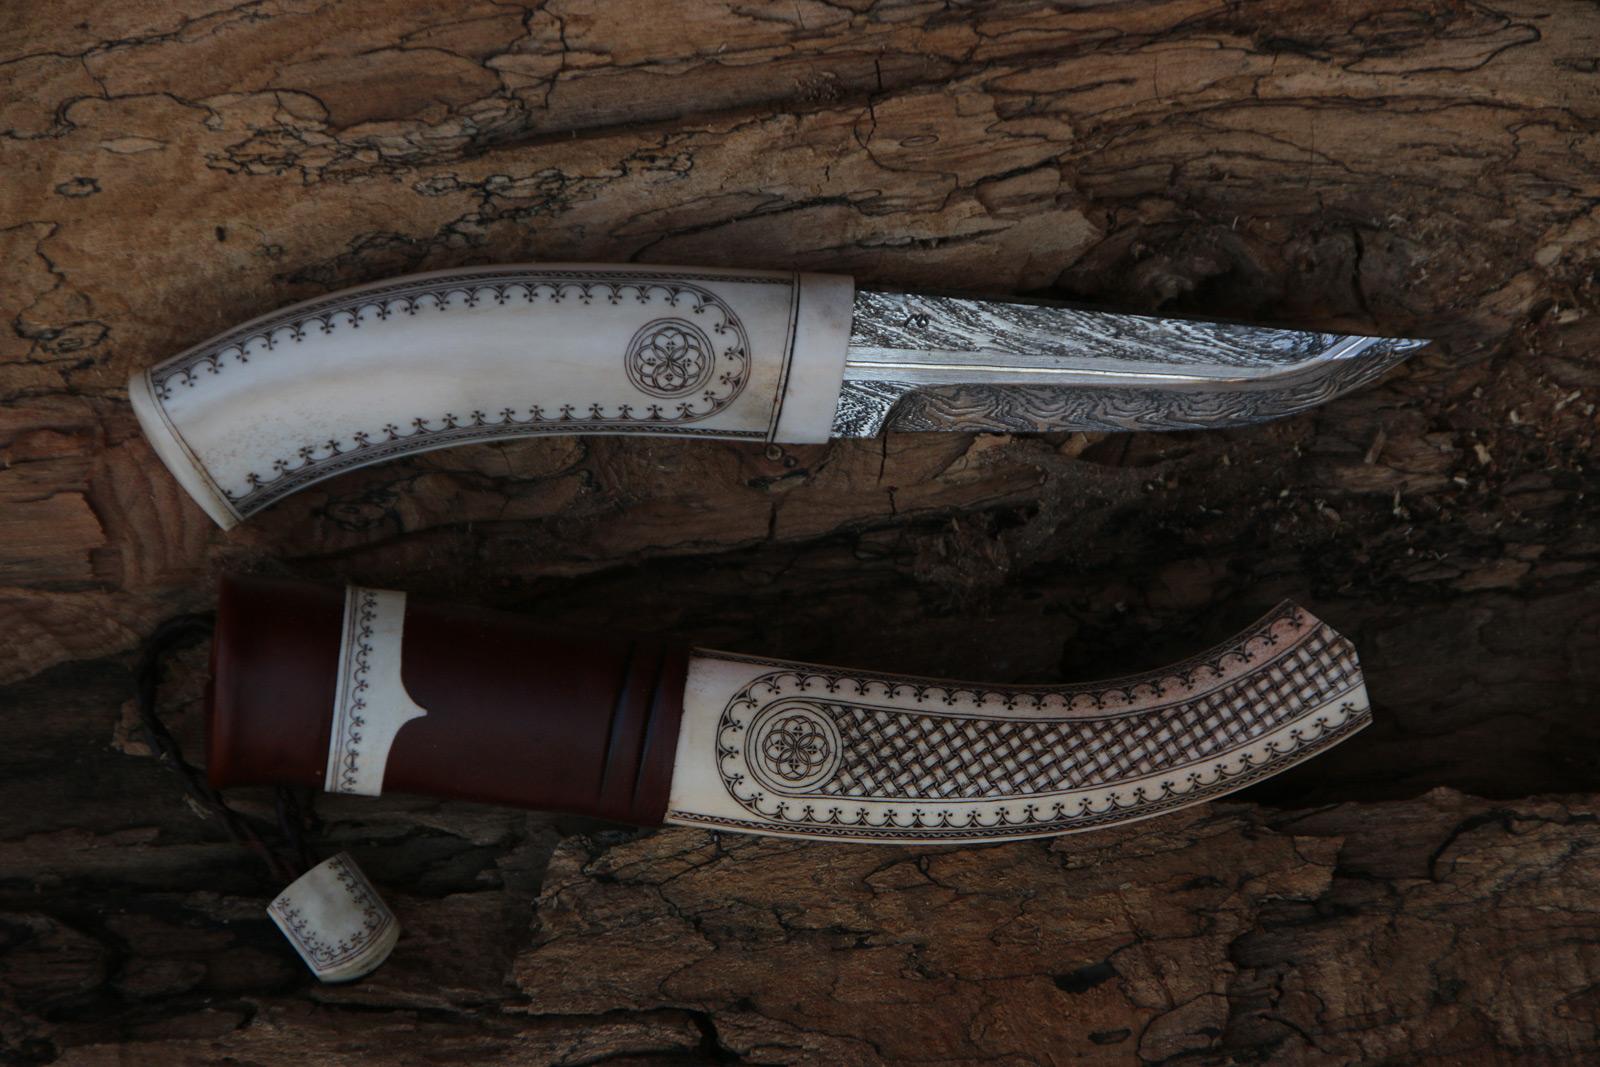 JSC Knife #328(e) - The Big Reindeer